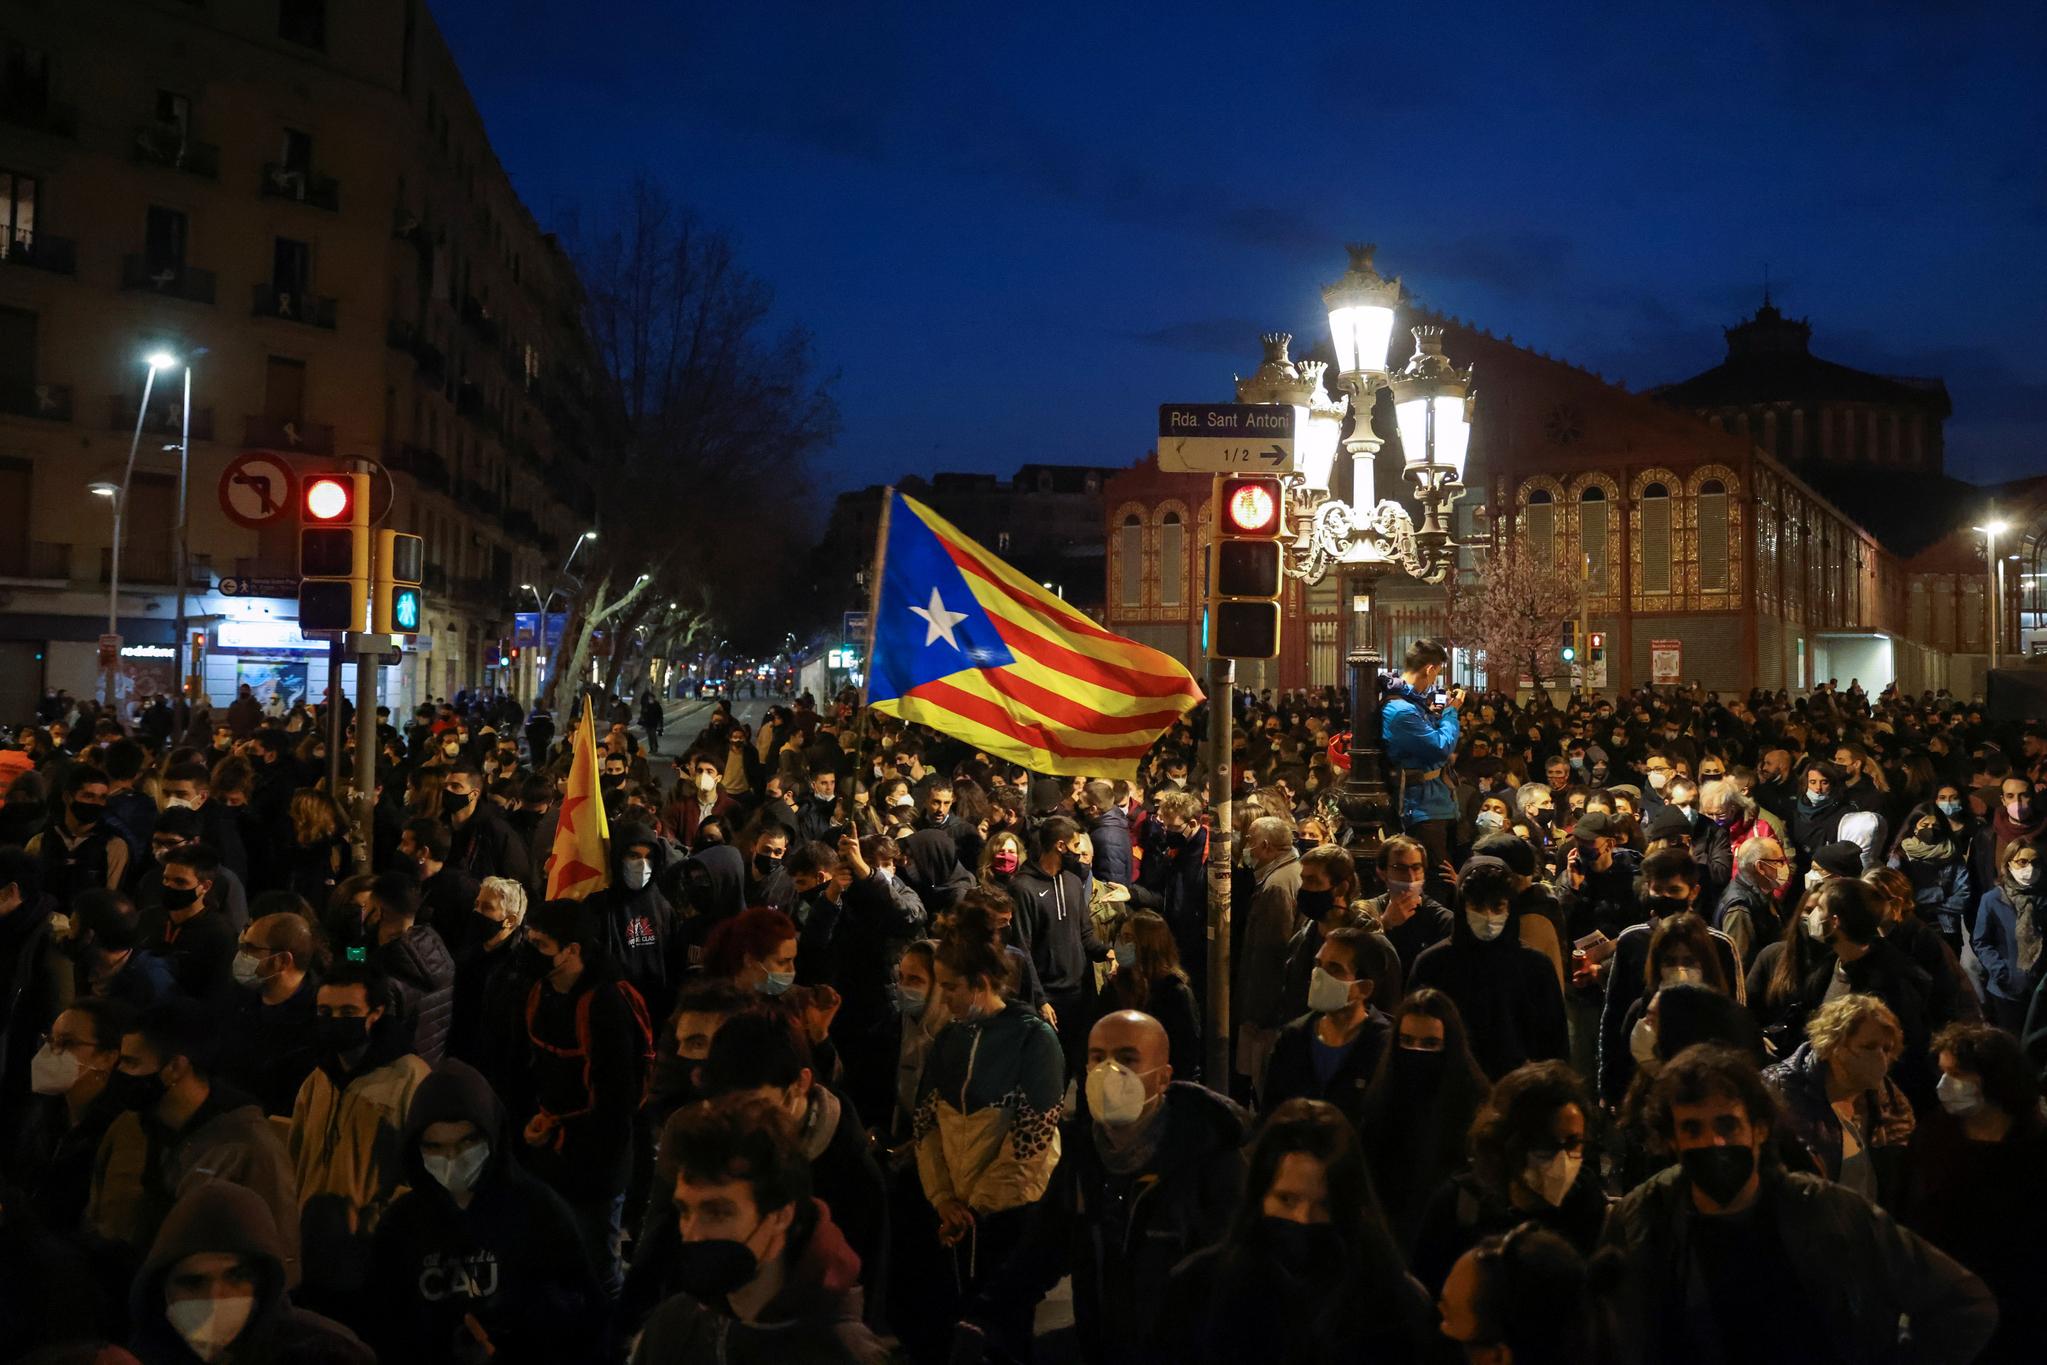 스페인 바르셀로나 시민이 27일(현지시간) 래퍼 파블로 하셀의 체포에 항의해 람블라스 거리에서 가두 시위를 벌이고 있다. 보름간 이어진 시위는 과격한 양상으로 전개돼 경찰과 충돌이 벌어지기도 했다. 시위대 가운데 카탈루냐 분리주의 깃발이 보인다. 로이터=연합뉴스